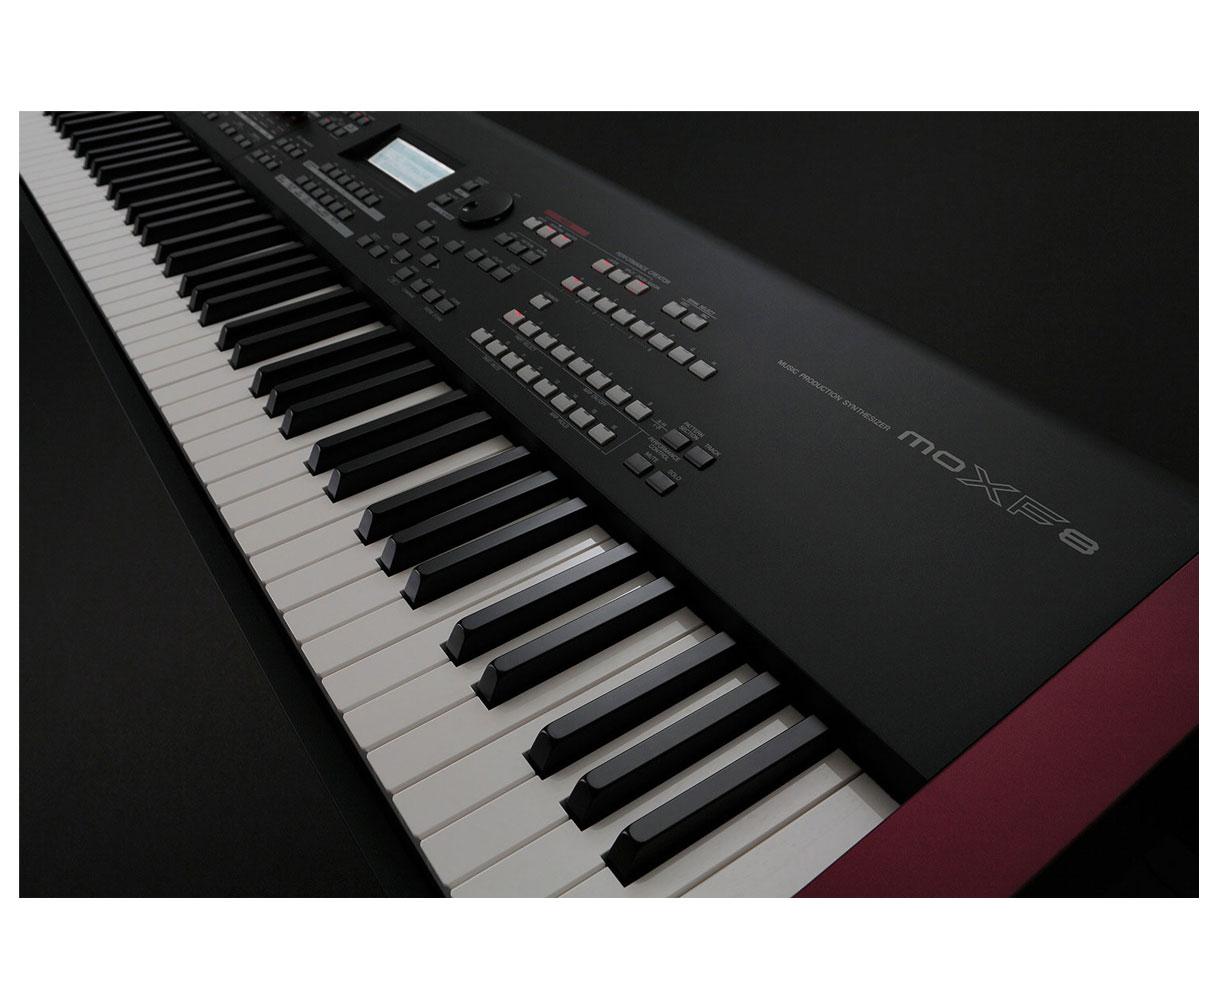 yamaha moxf8 88 key keyboard workstation motif xf8 sound